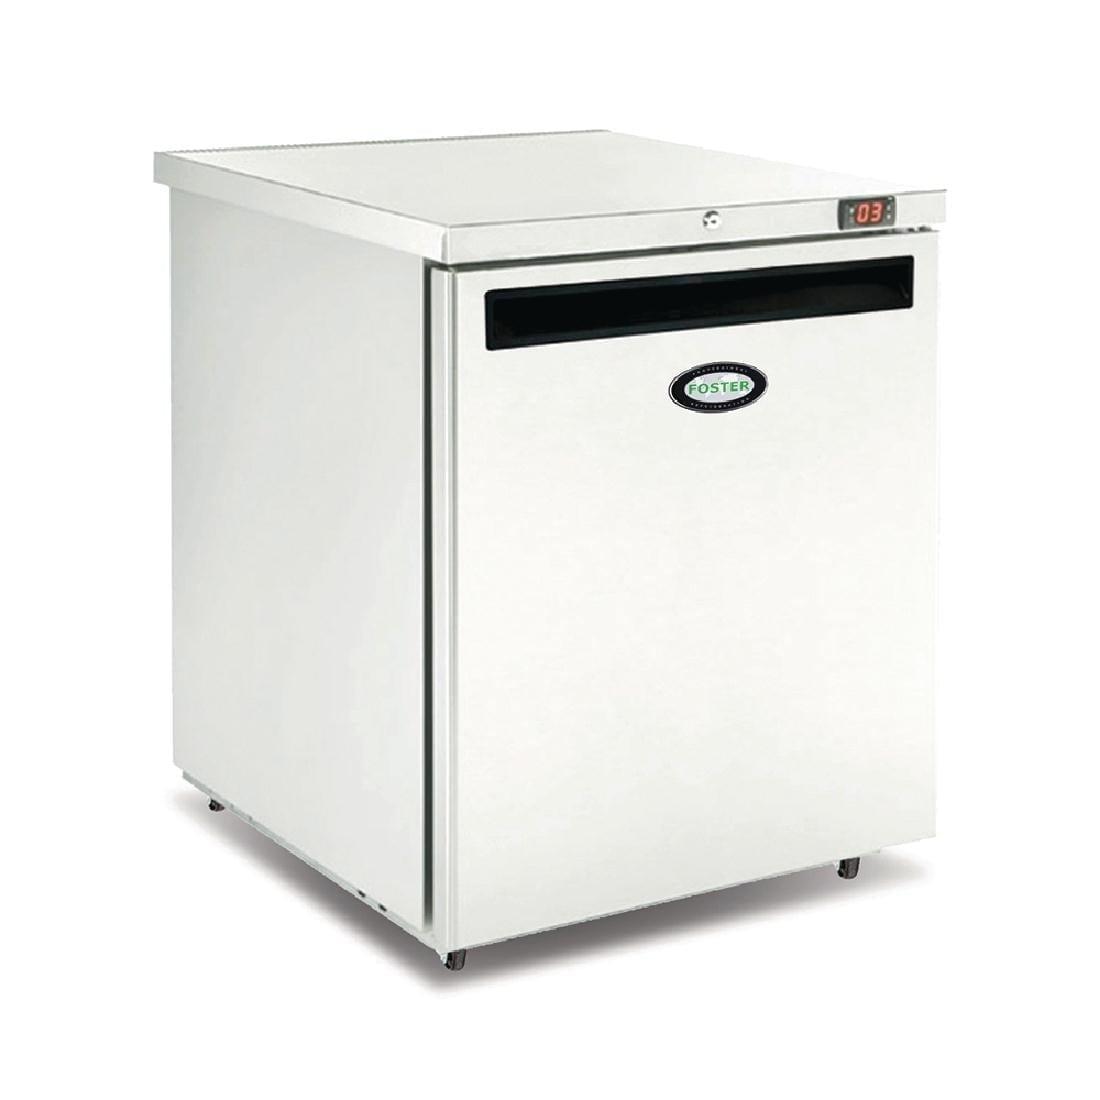 Foster 1 Door 200Ltr Undercounter Freezer R404a (StSt Ext Alu Int) (Direct)-0